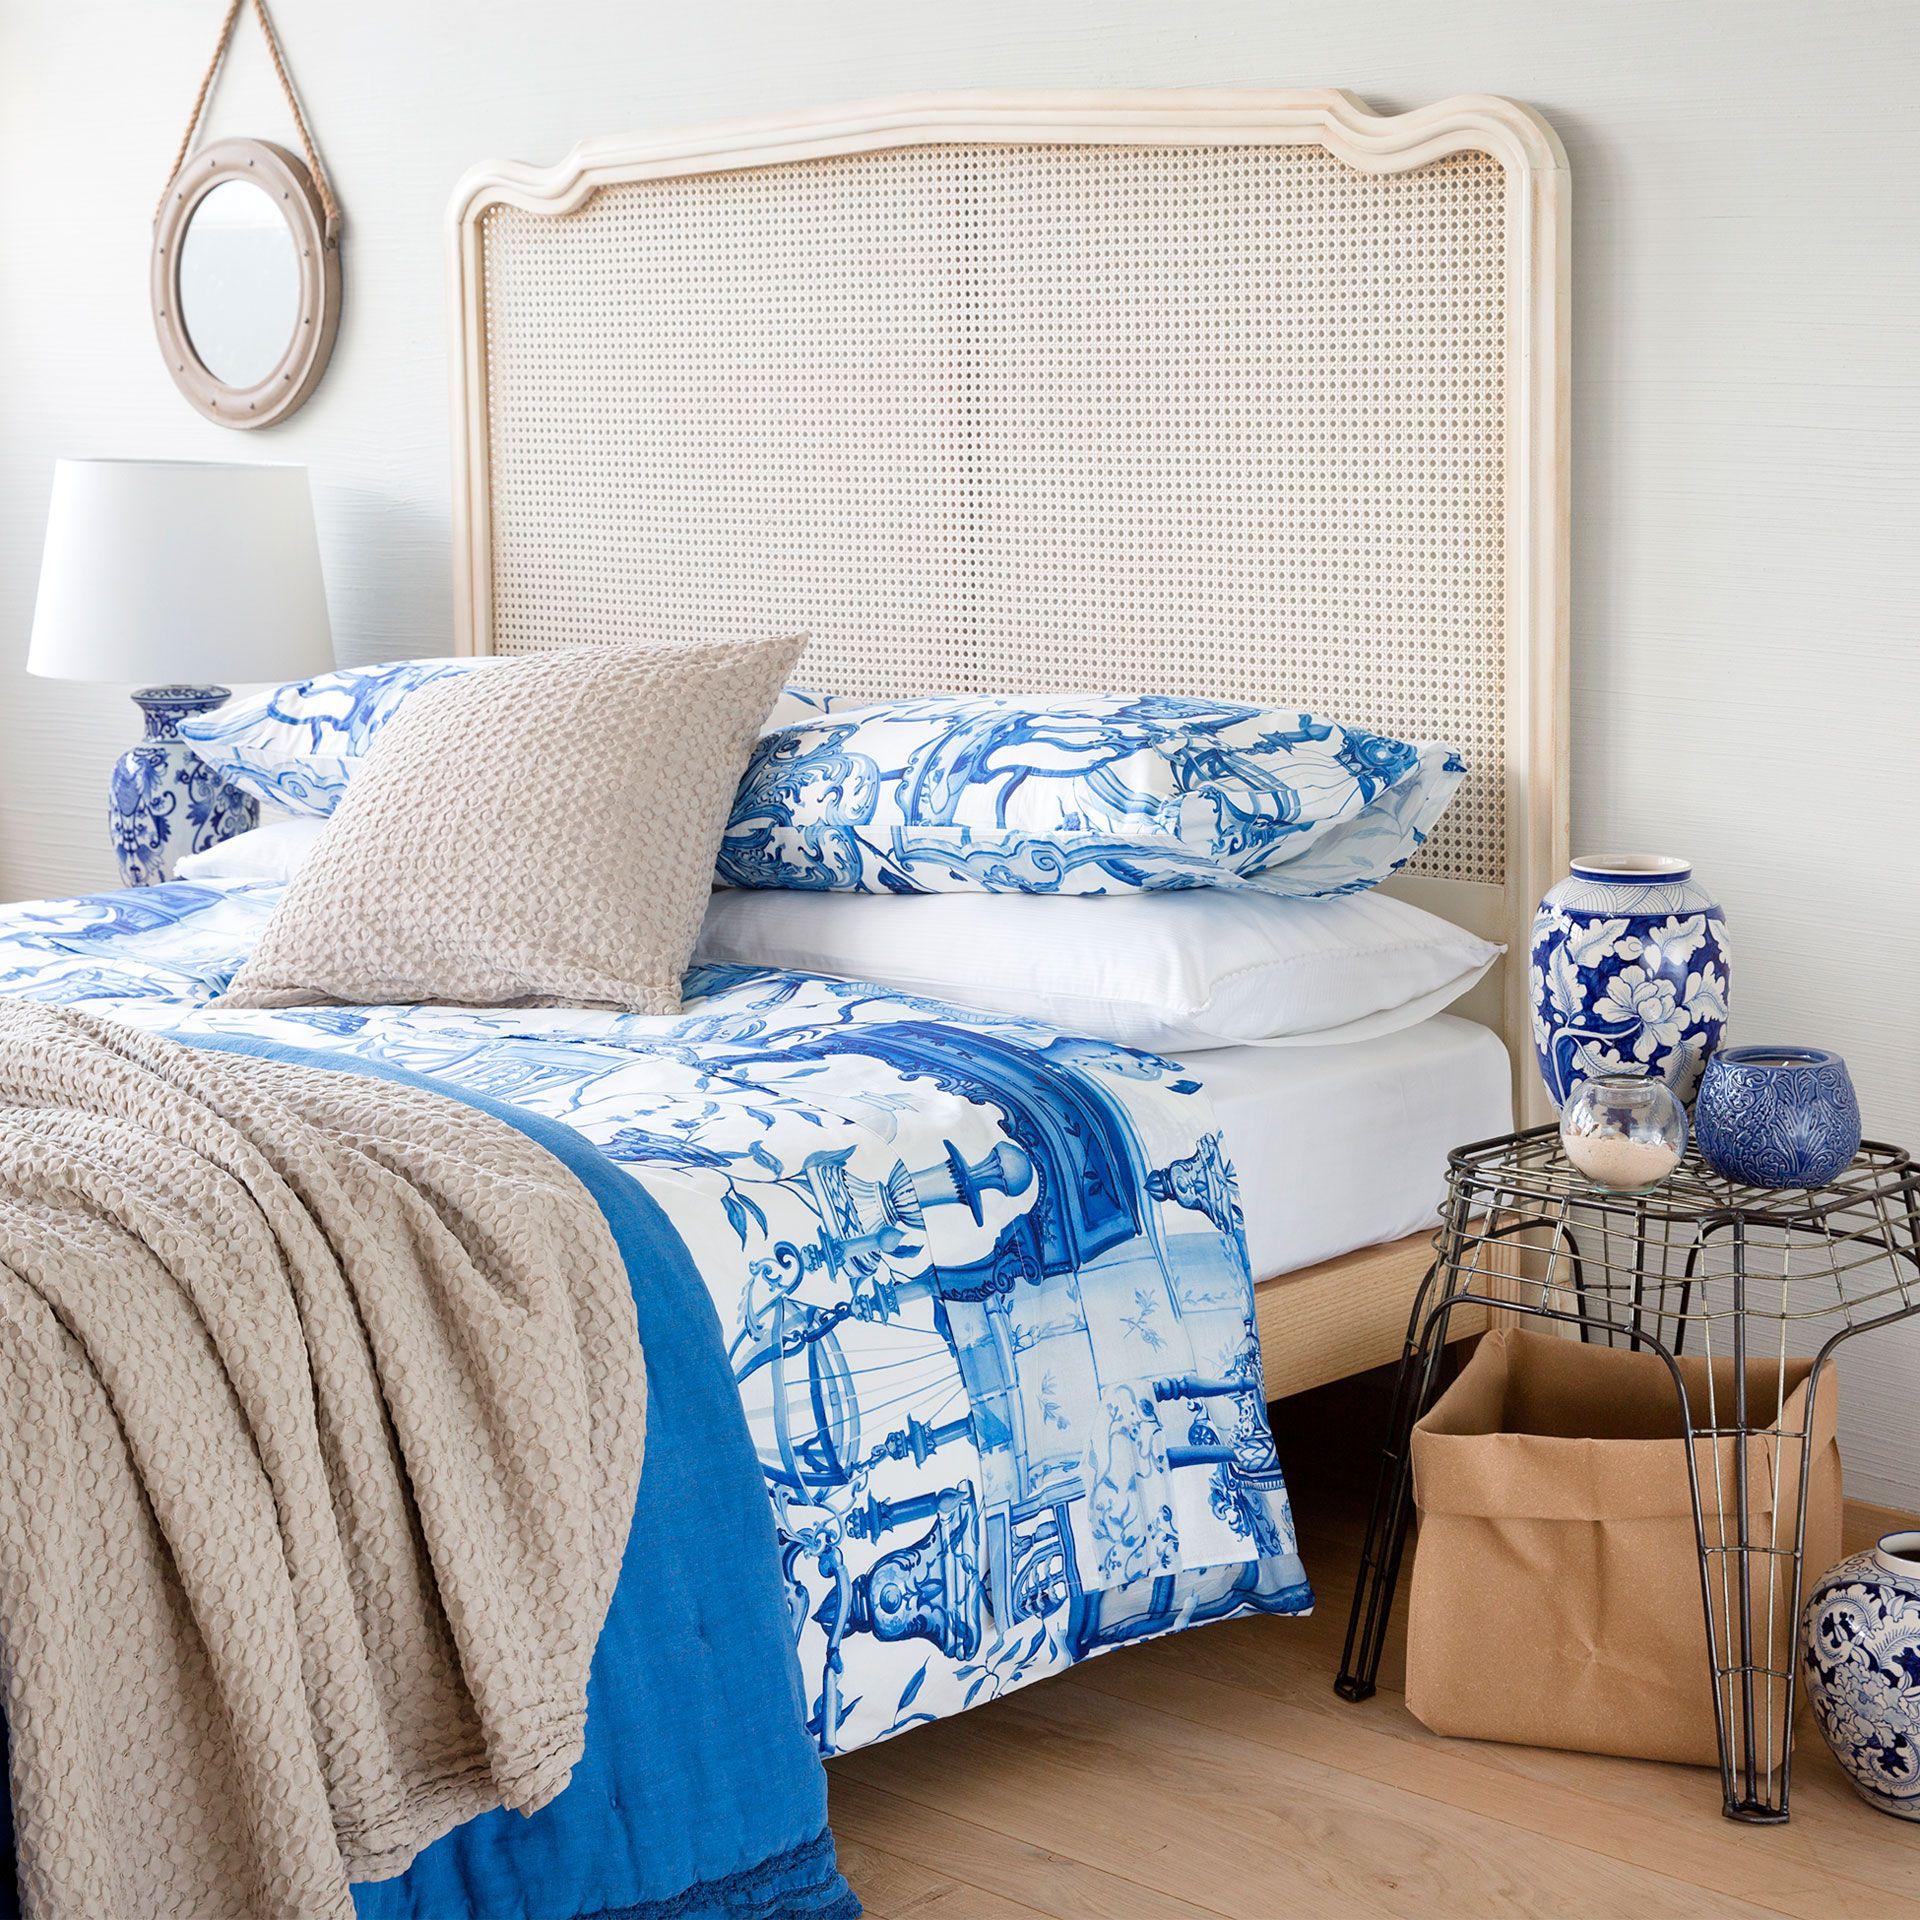 FURNITURE PRINT BEDDING - Bedding - Bedroom